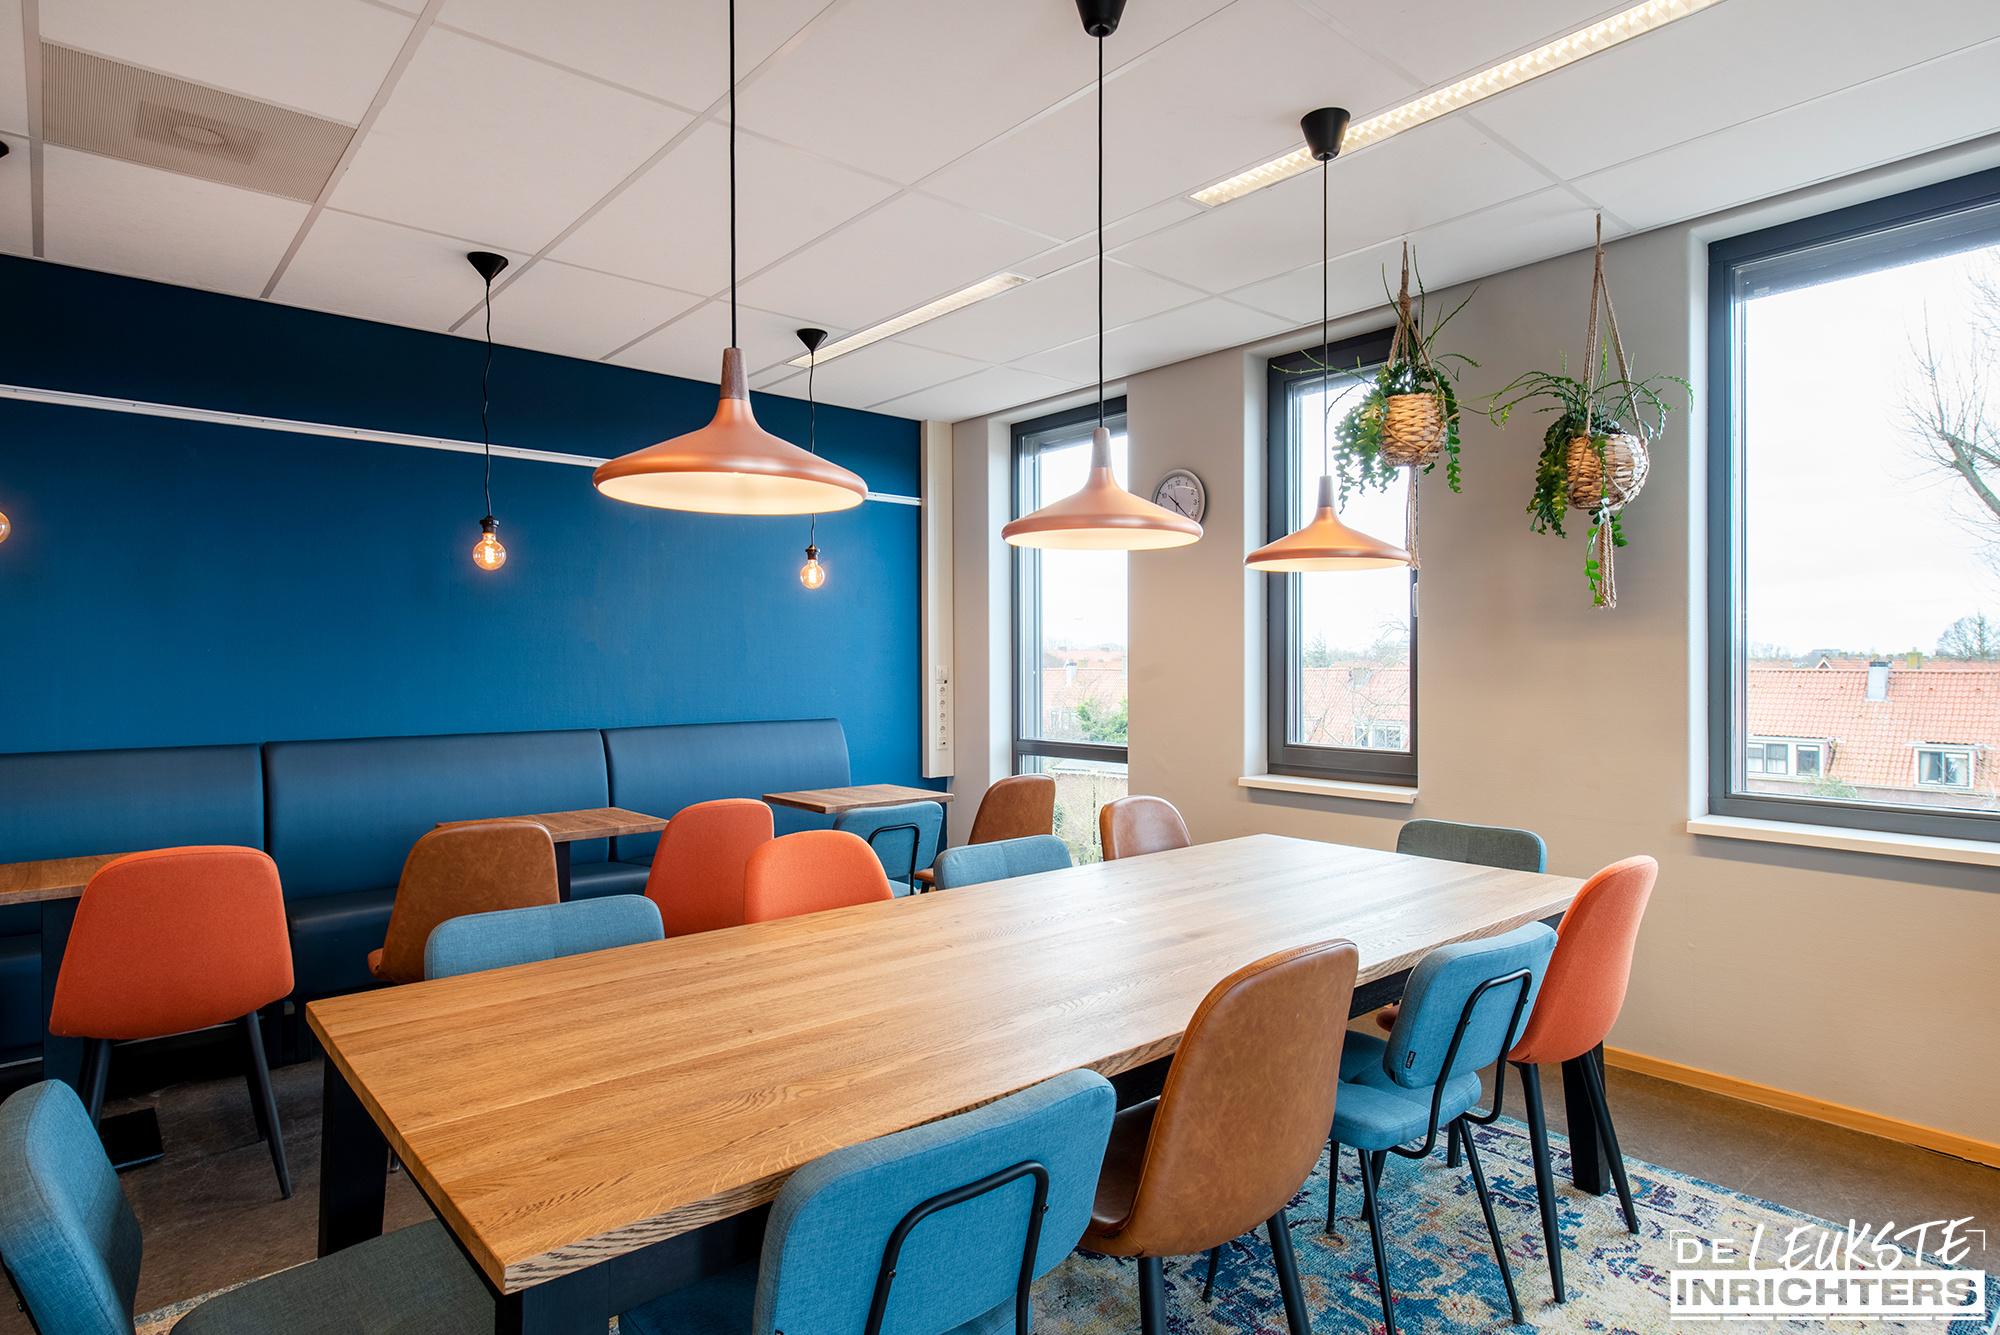 Personeelskamer inrichting De Windwijzer Den Helder stamtafel hanglamp